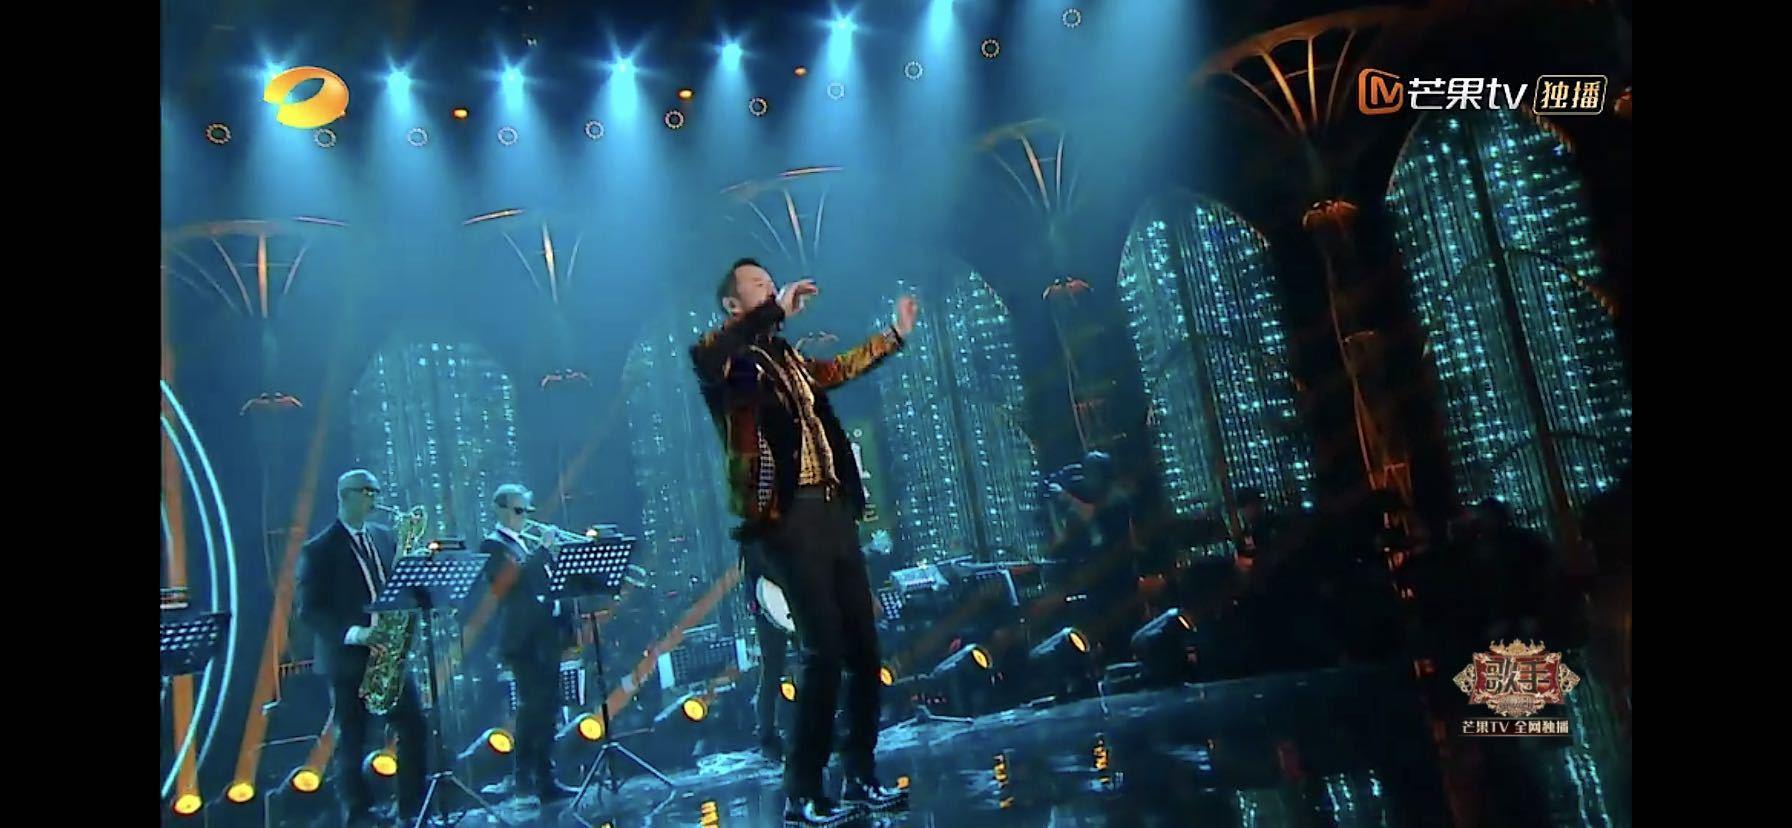 杨坤演唱的《文娱天空》很嗨果然有人谈油腻这句歌词没有字幕